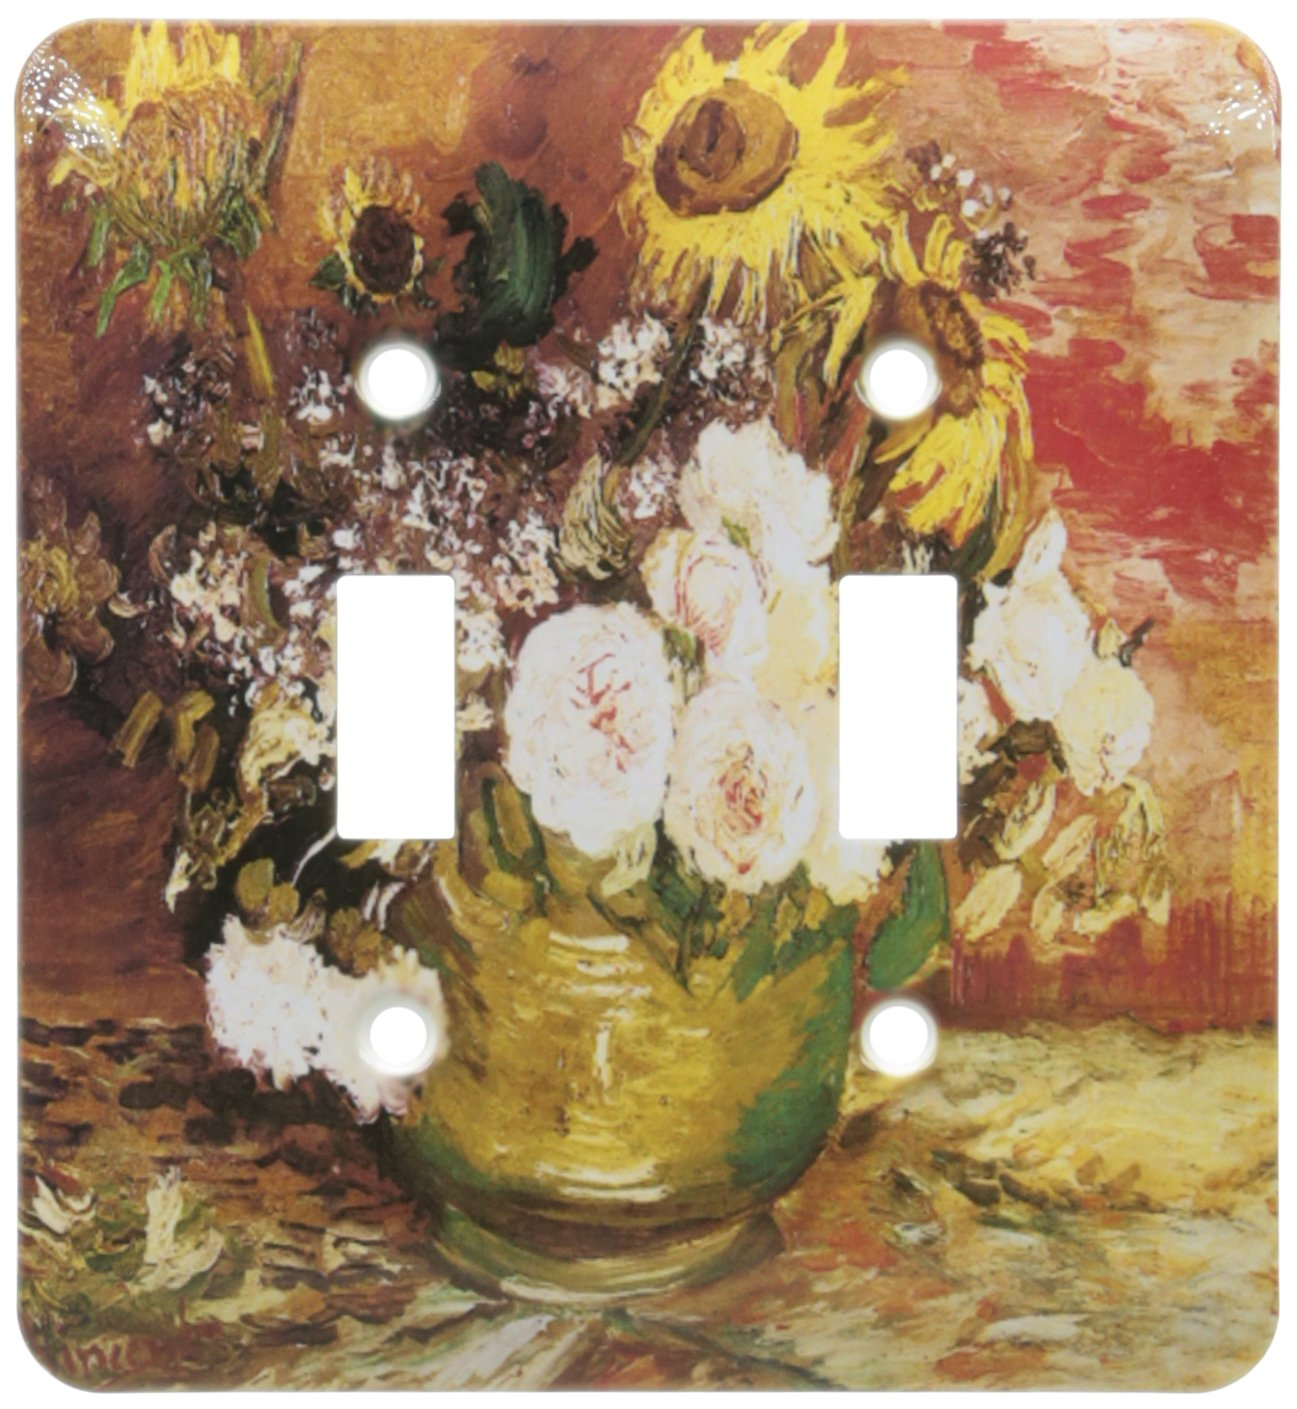 2019新作モデル 3drose Other and LLC Flowers lsp_ 128115_ 2 Bowl of Sunflowers , Roses and Other Flowers By Vincent Van Goghダブル切り替えスイッチ B00DEQUCYG, エステサプライ:e63edb25 --- svecha37.ru